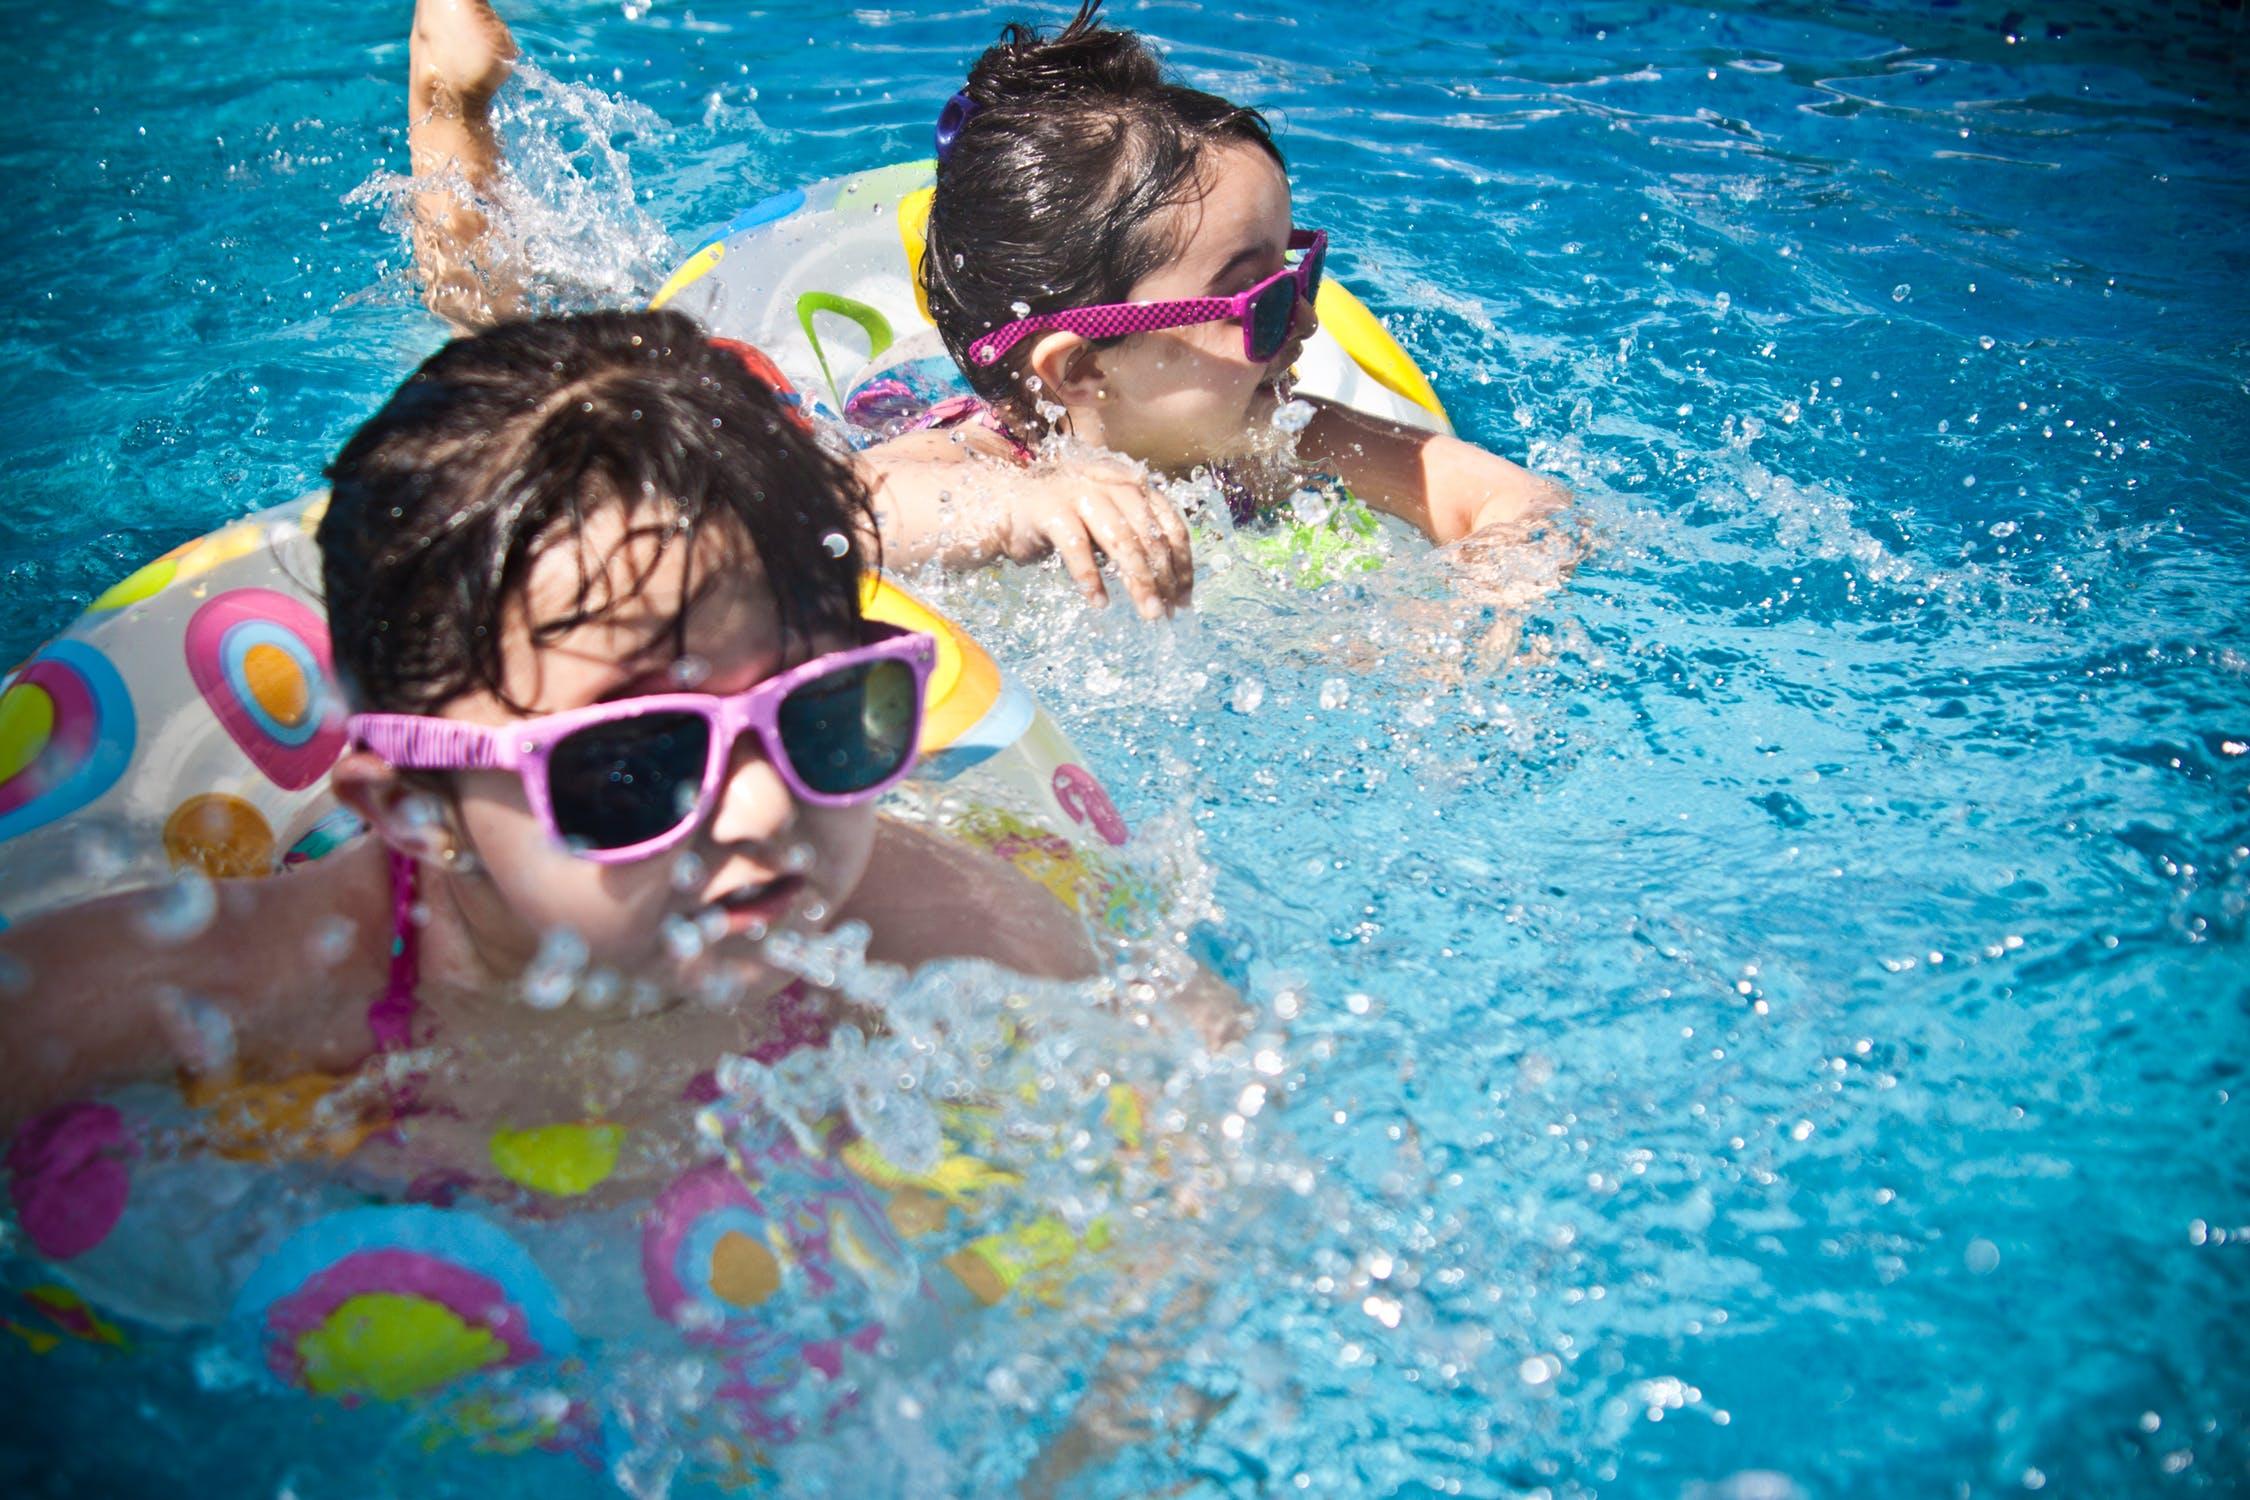 2 piger i en pool